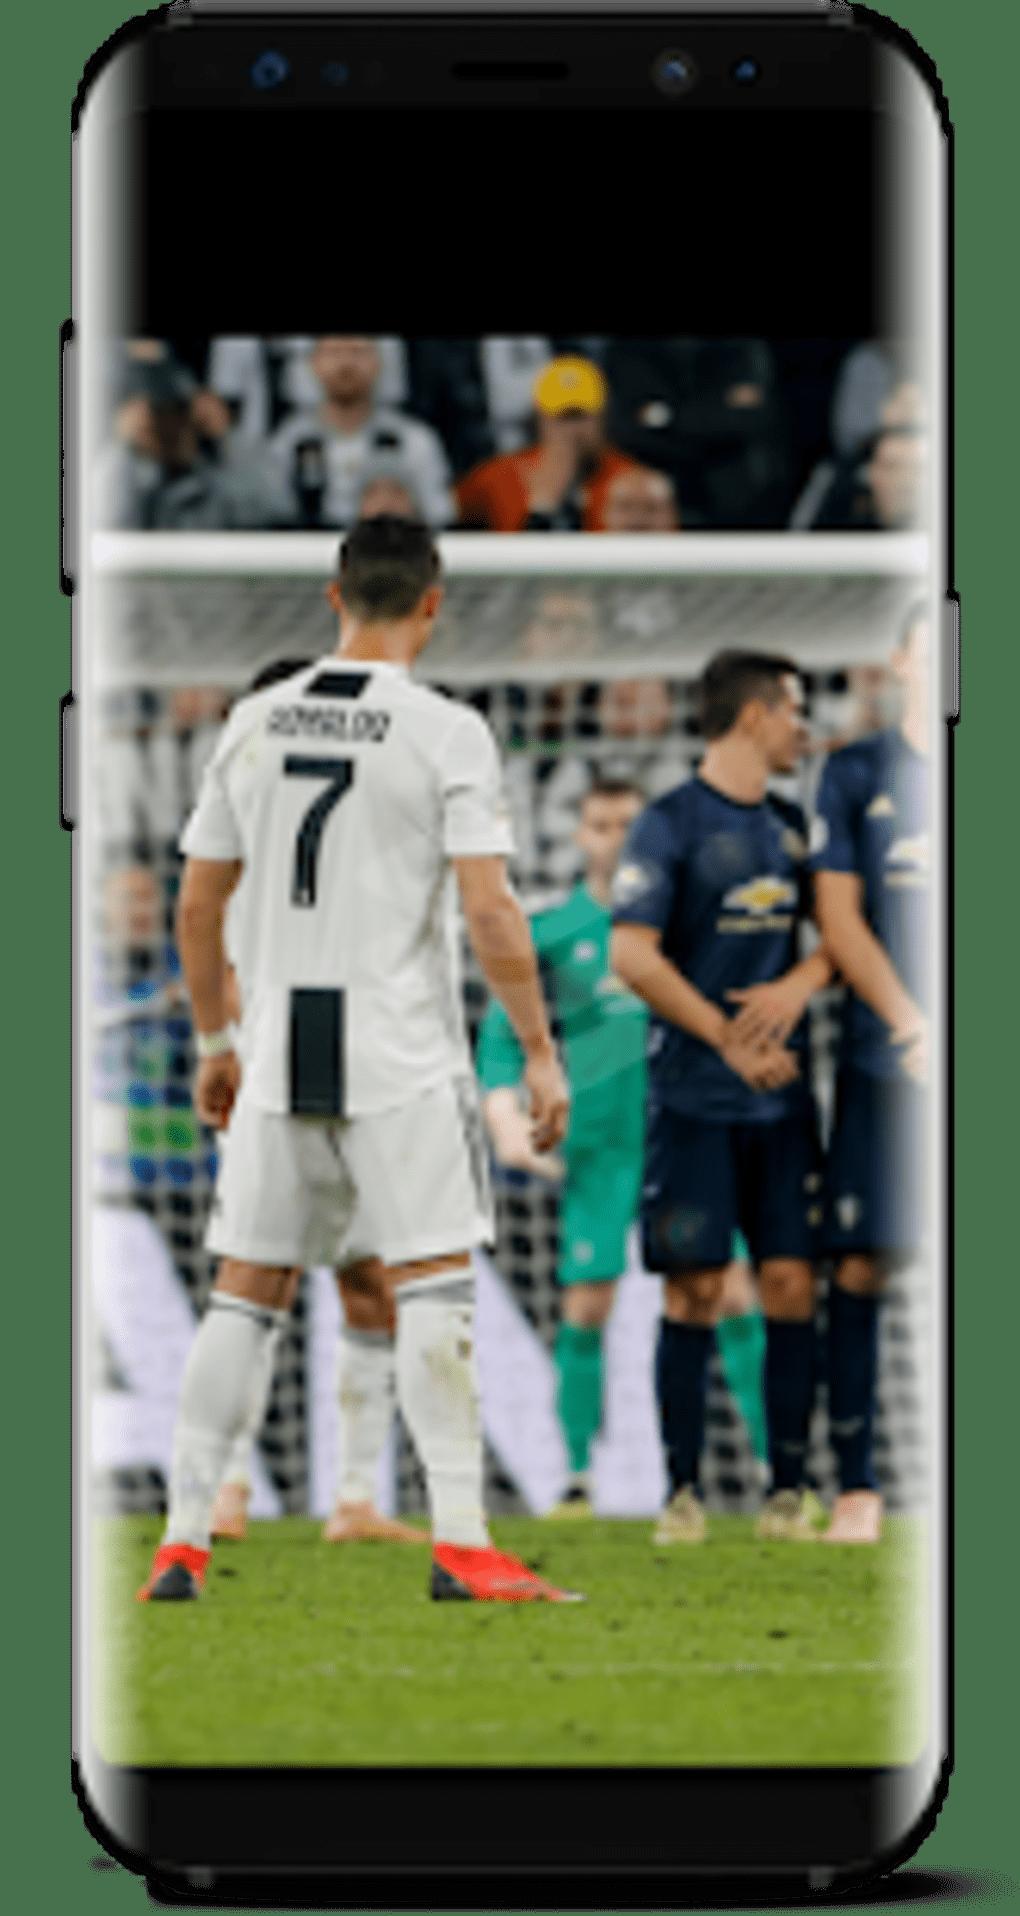 Diretta Calcio Serie A 201920 Tv Streaming Per Android Download